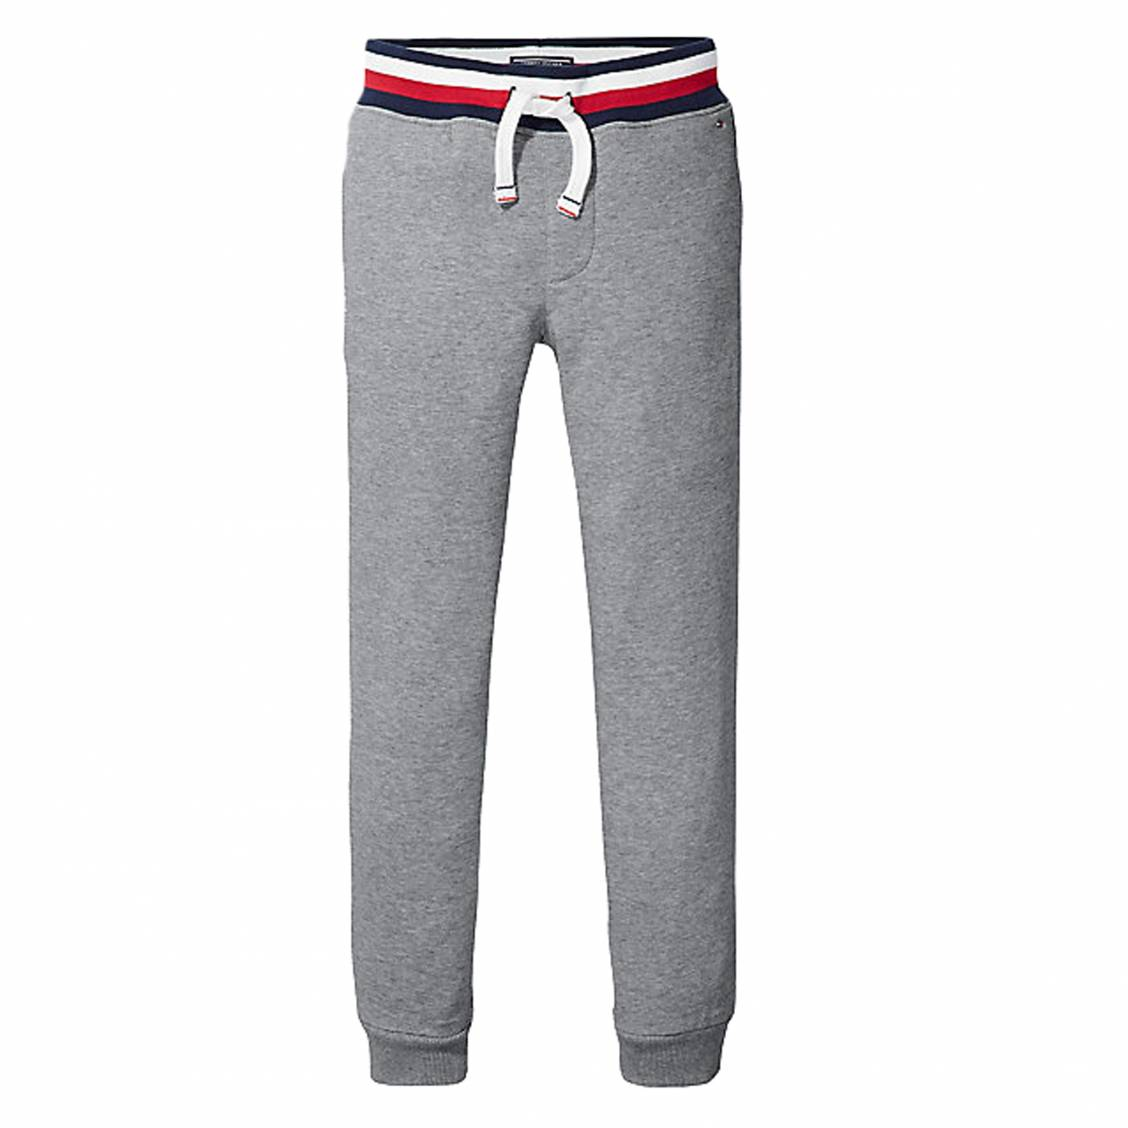 Pantalon de jogging Tommy Hilfiger Junior en coton mélangé gris chiné ... 72937449a52